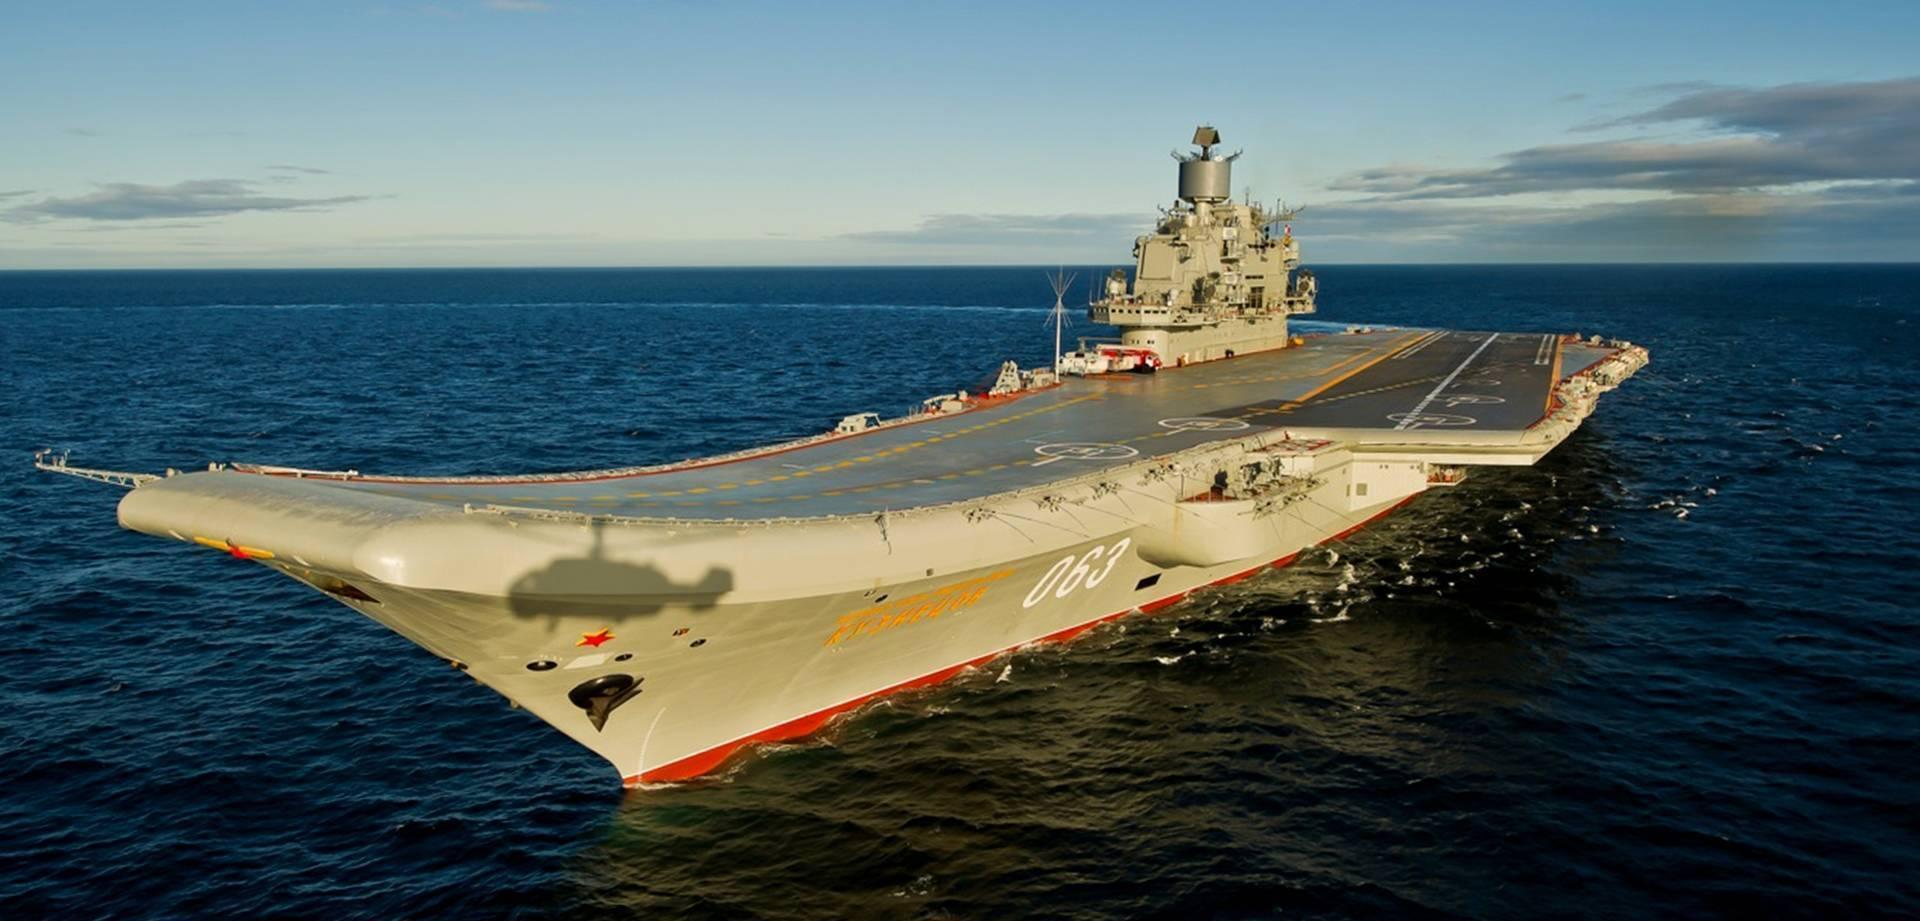 Адмирал кузнецов - тяжёлый авианесущий крейсер (тавкр) проекта 1143.5